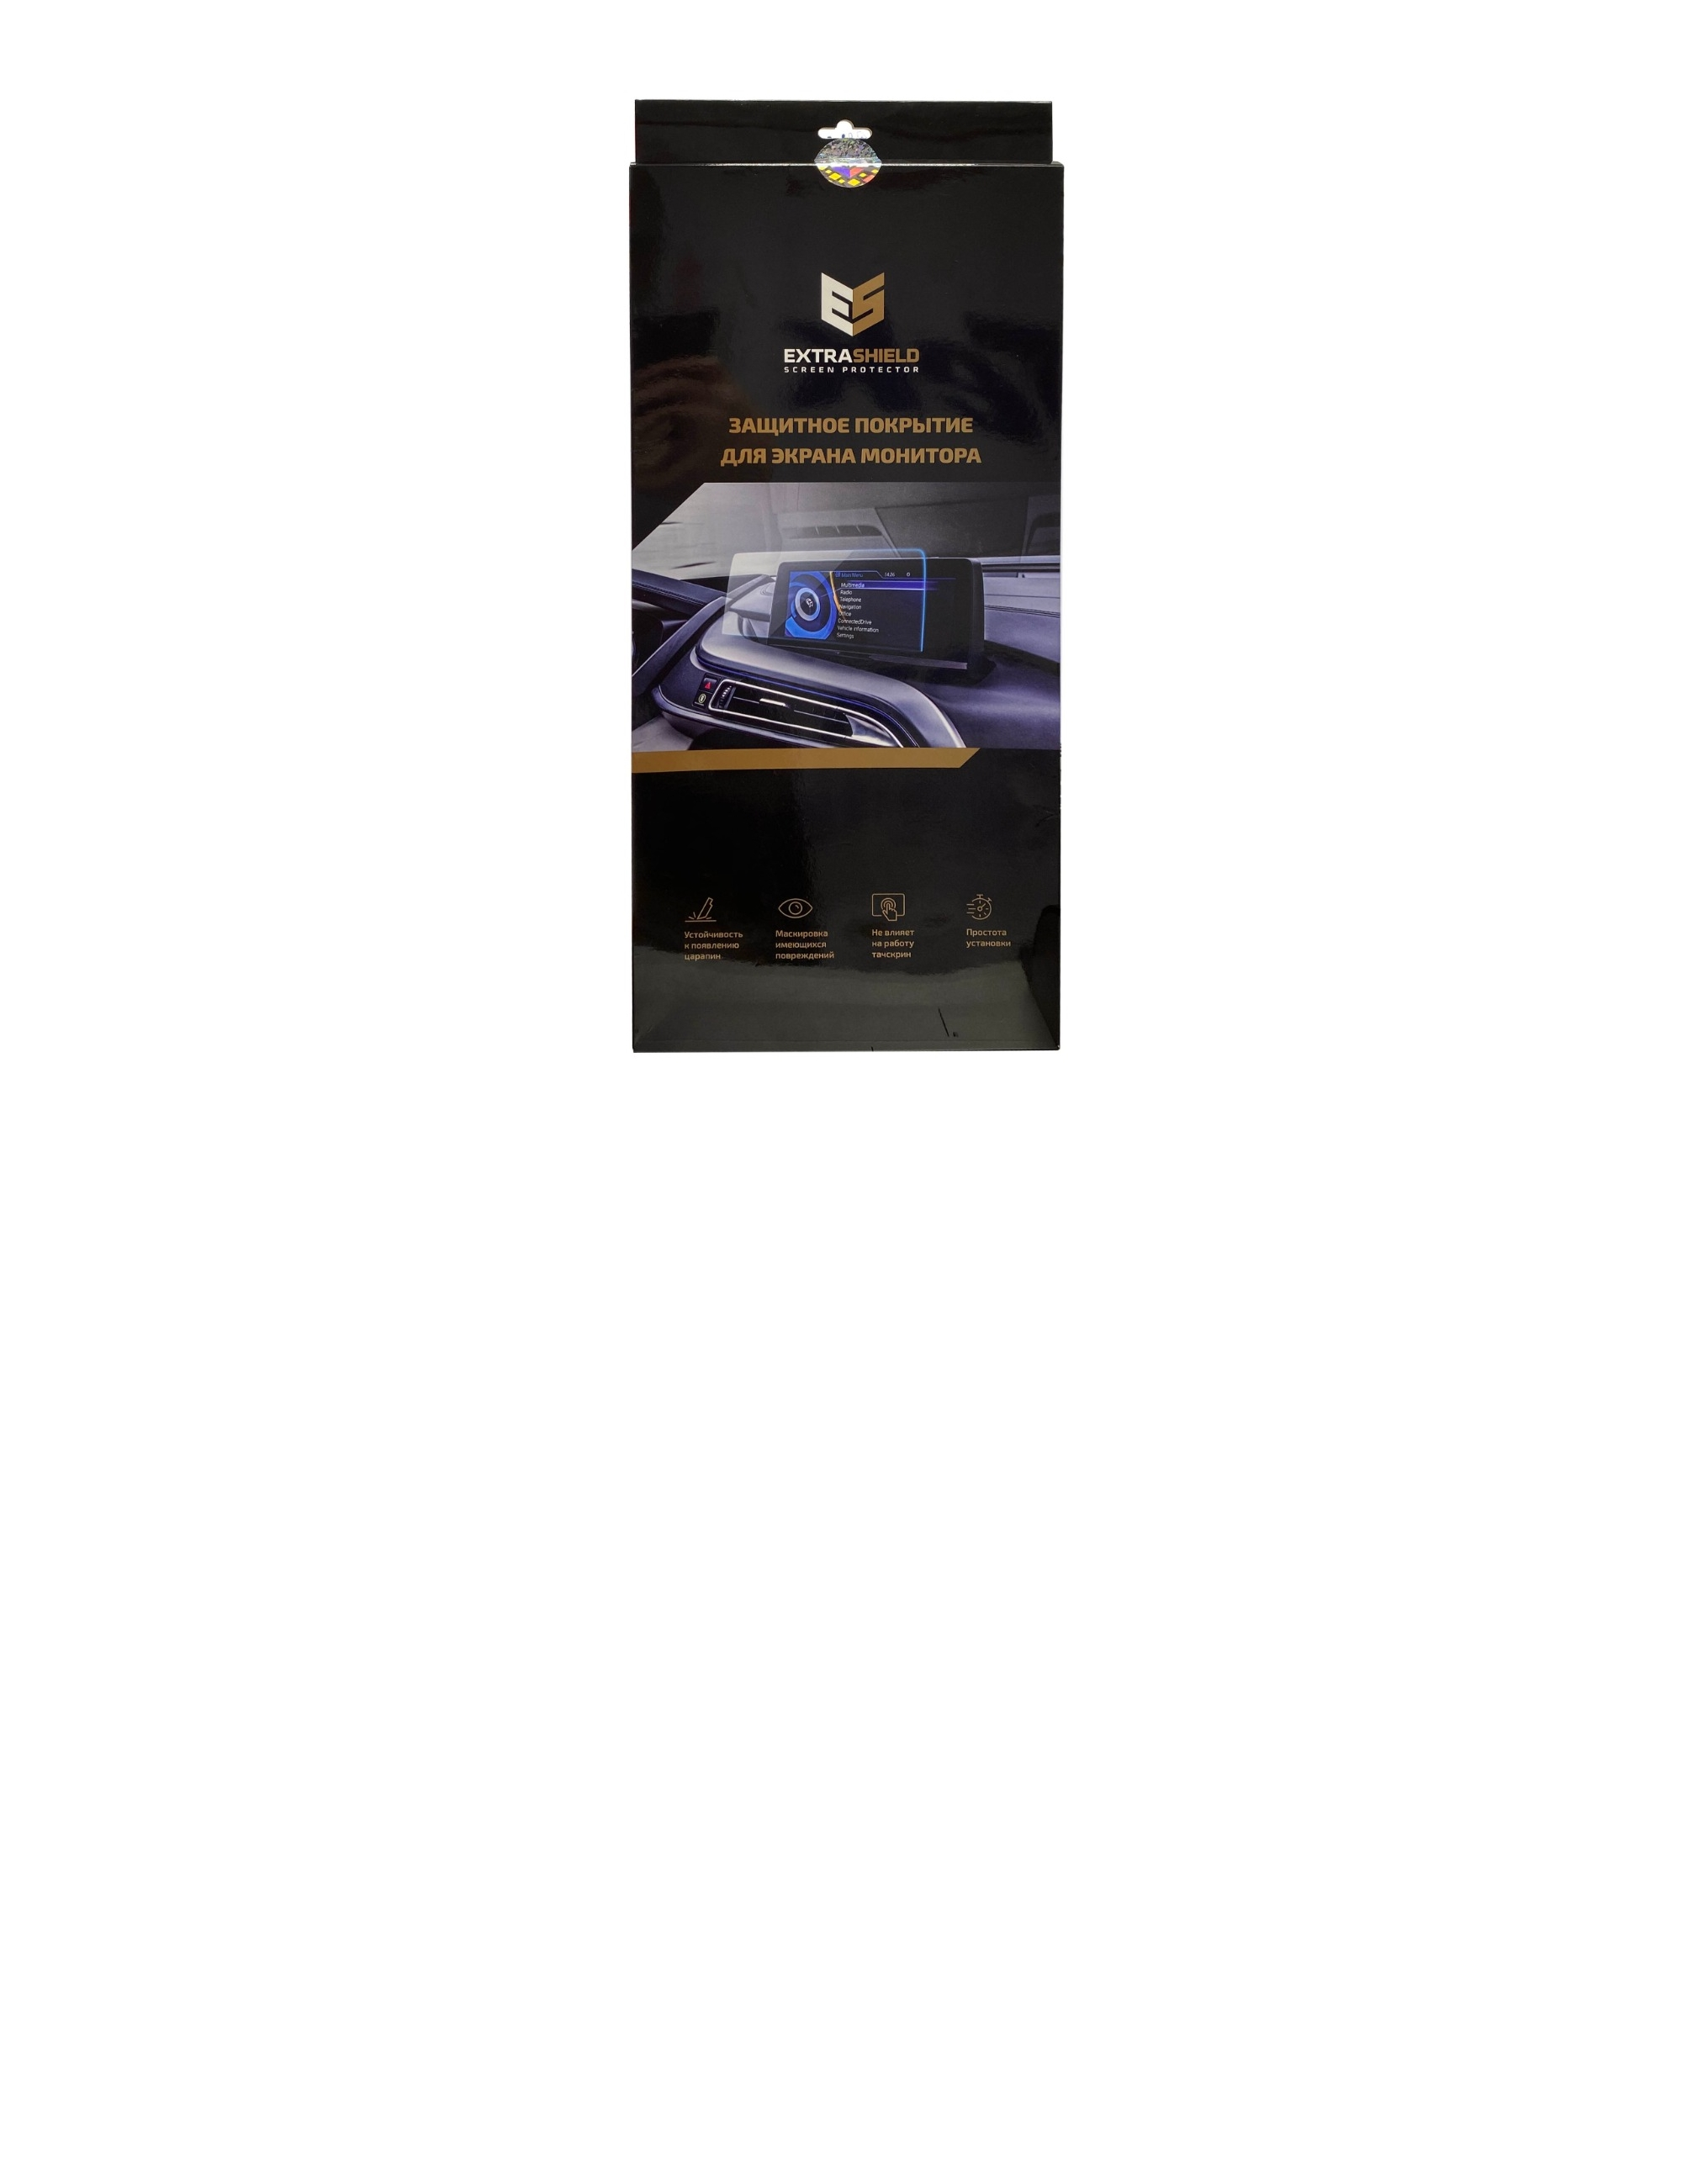 Skoda Octavia 2016 - 2019 мультимедиа Columbus 9.2 Защитное стекло Глянец